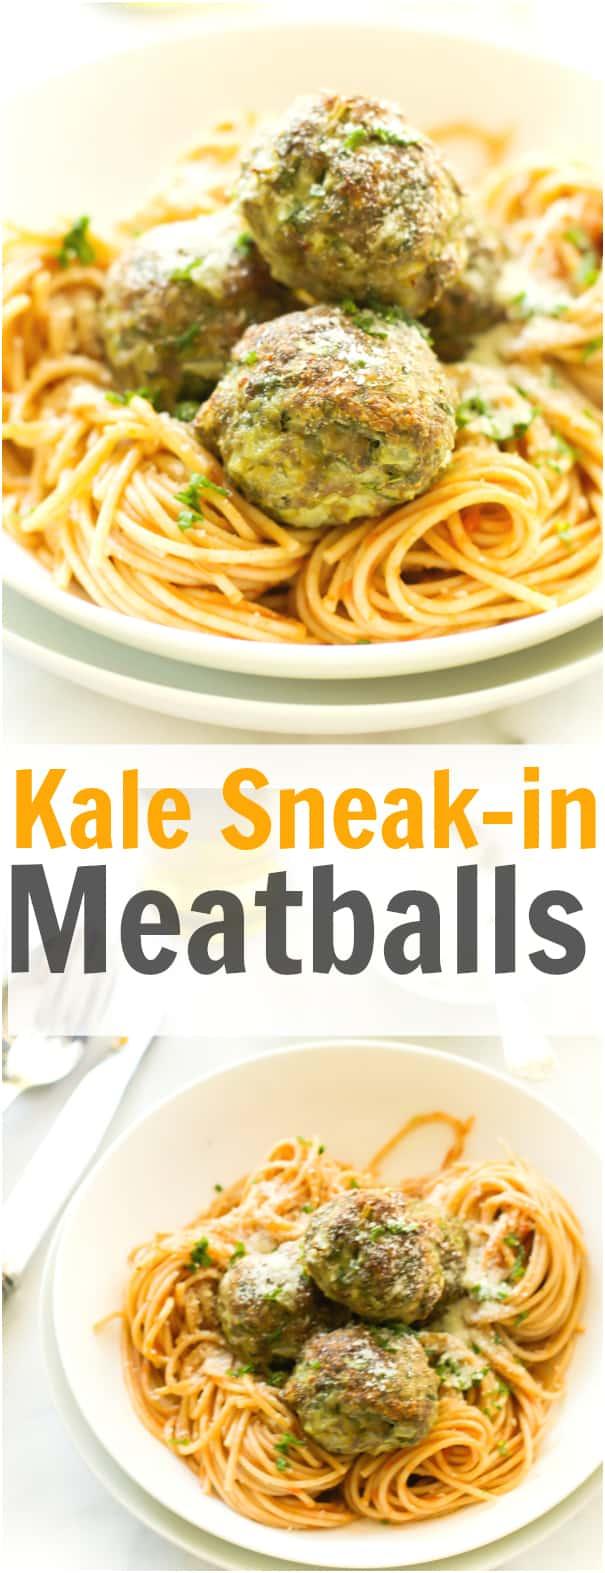 Kale Sneak-in Meatballs